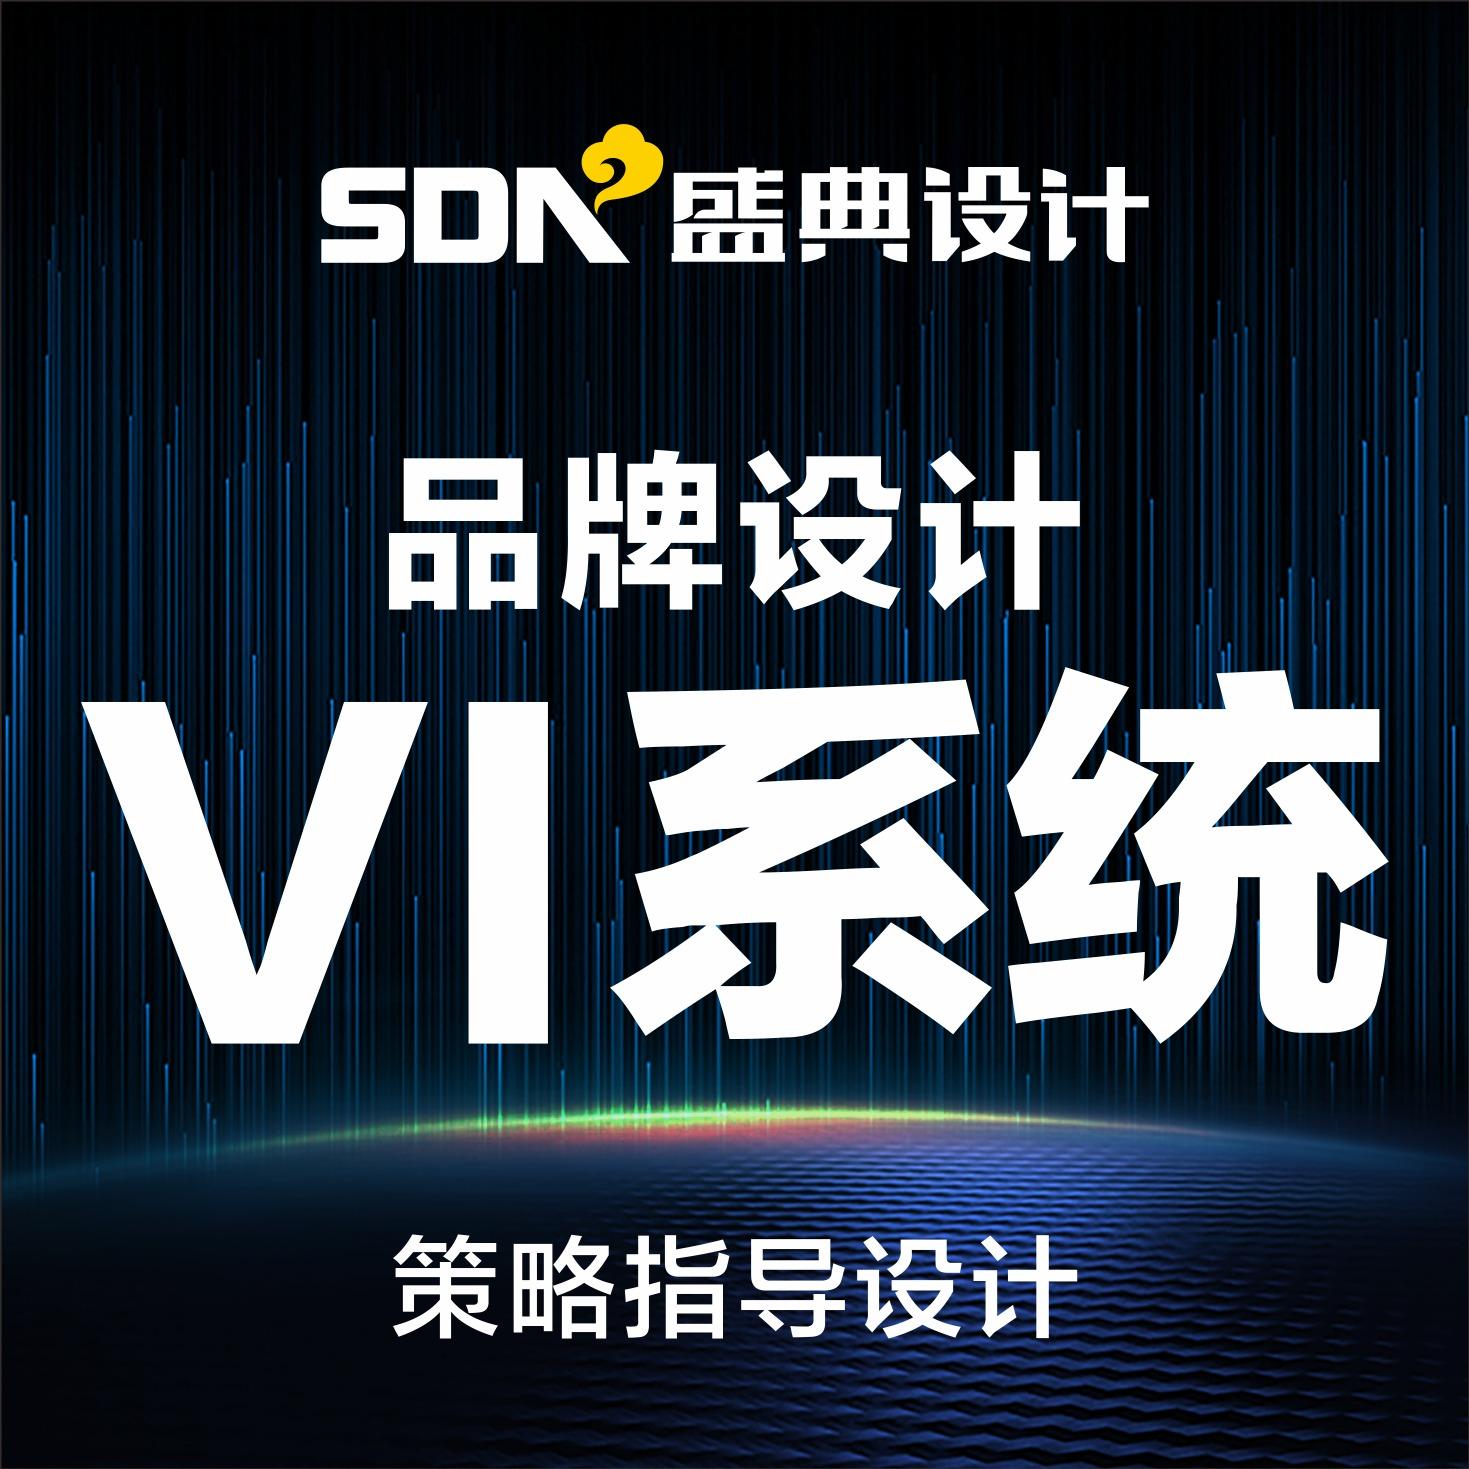 公司企业家居建材物流影视互联网行业 VI 全套企业品牌形象 设计